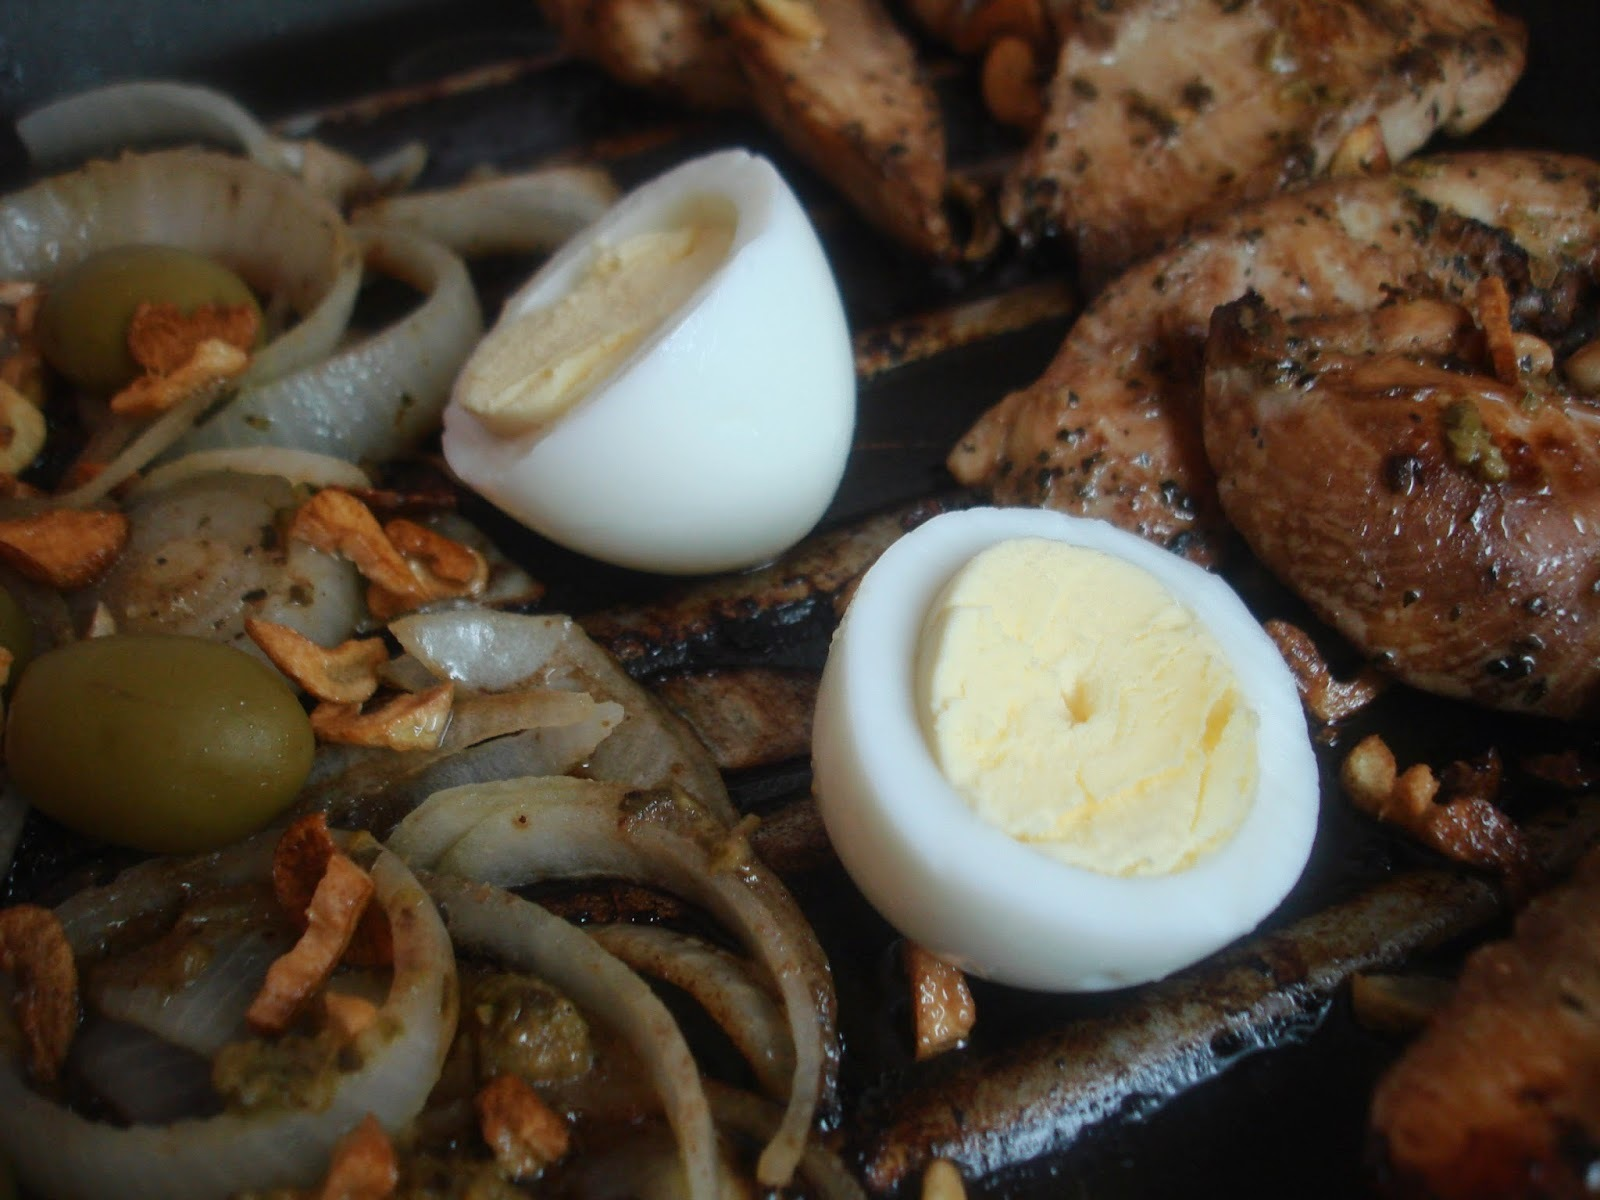 Filé de Frango na chapa com alho e cebola: caseiro, rápido e muito gostoso!